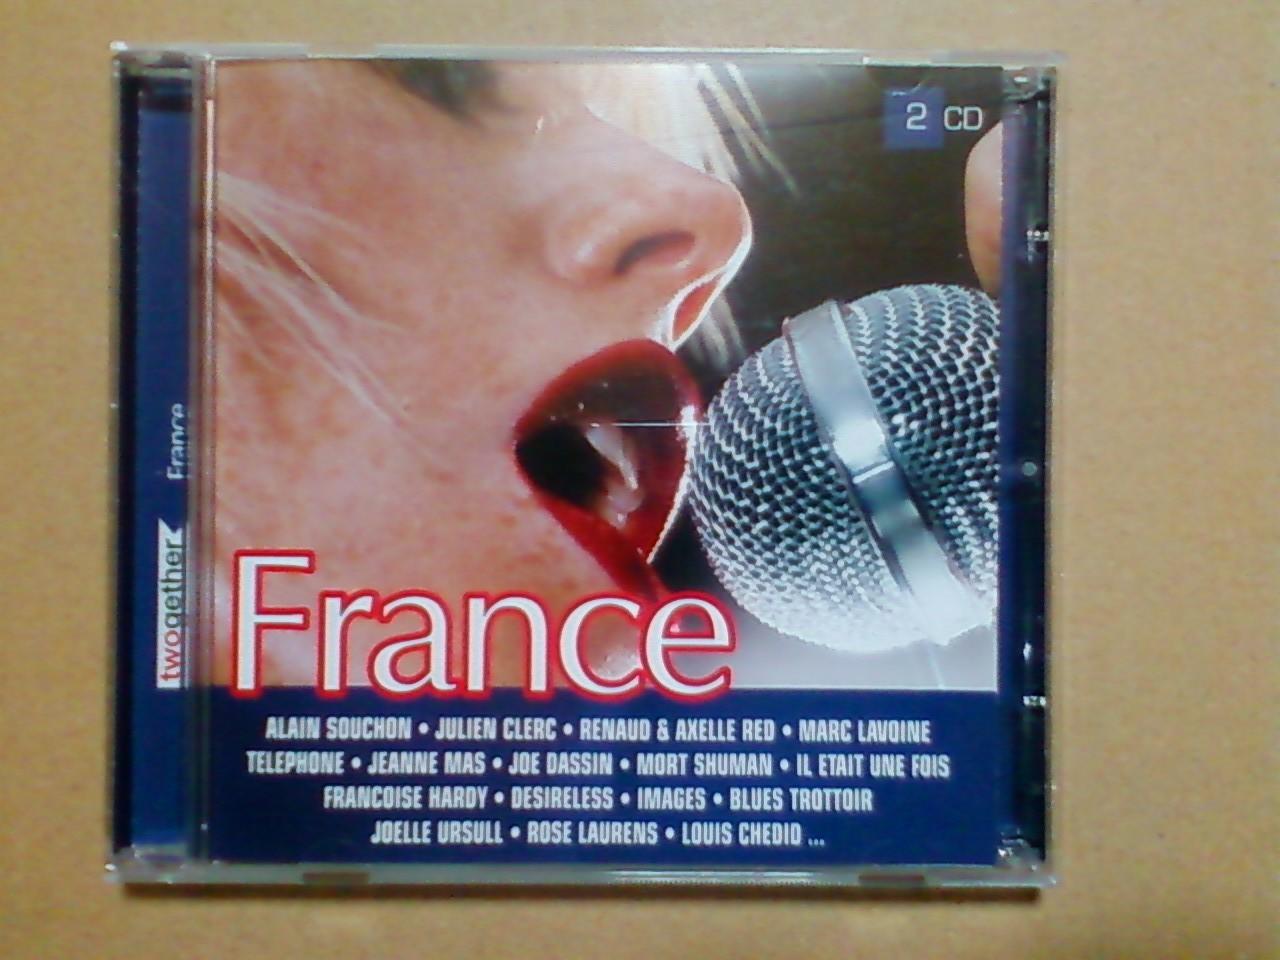 france_CD.jpg.JPG